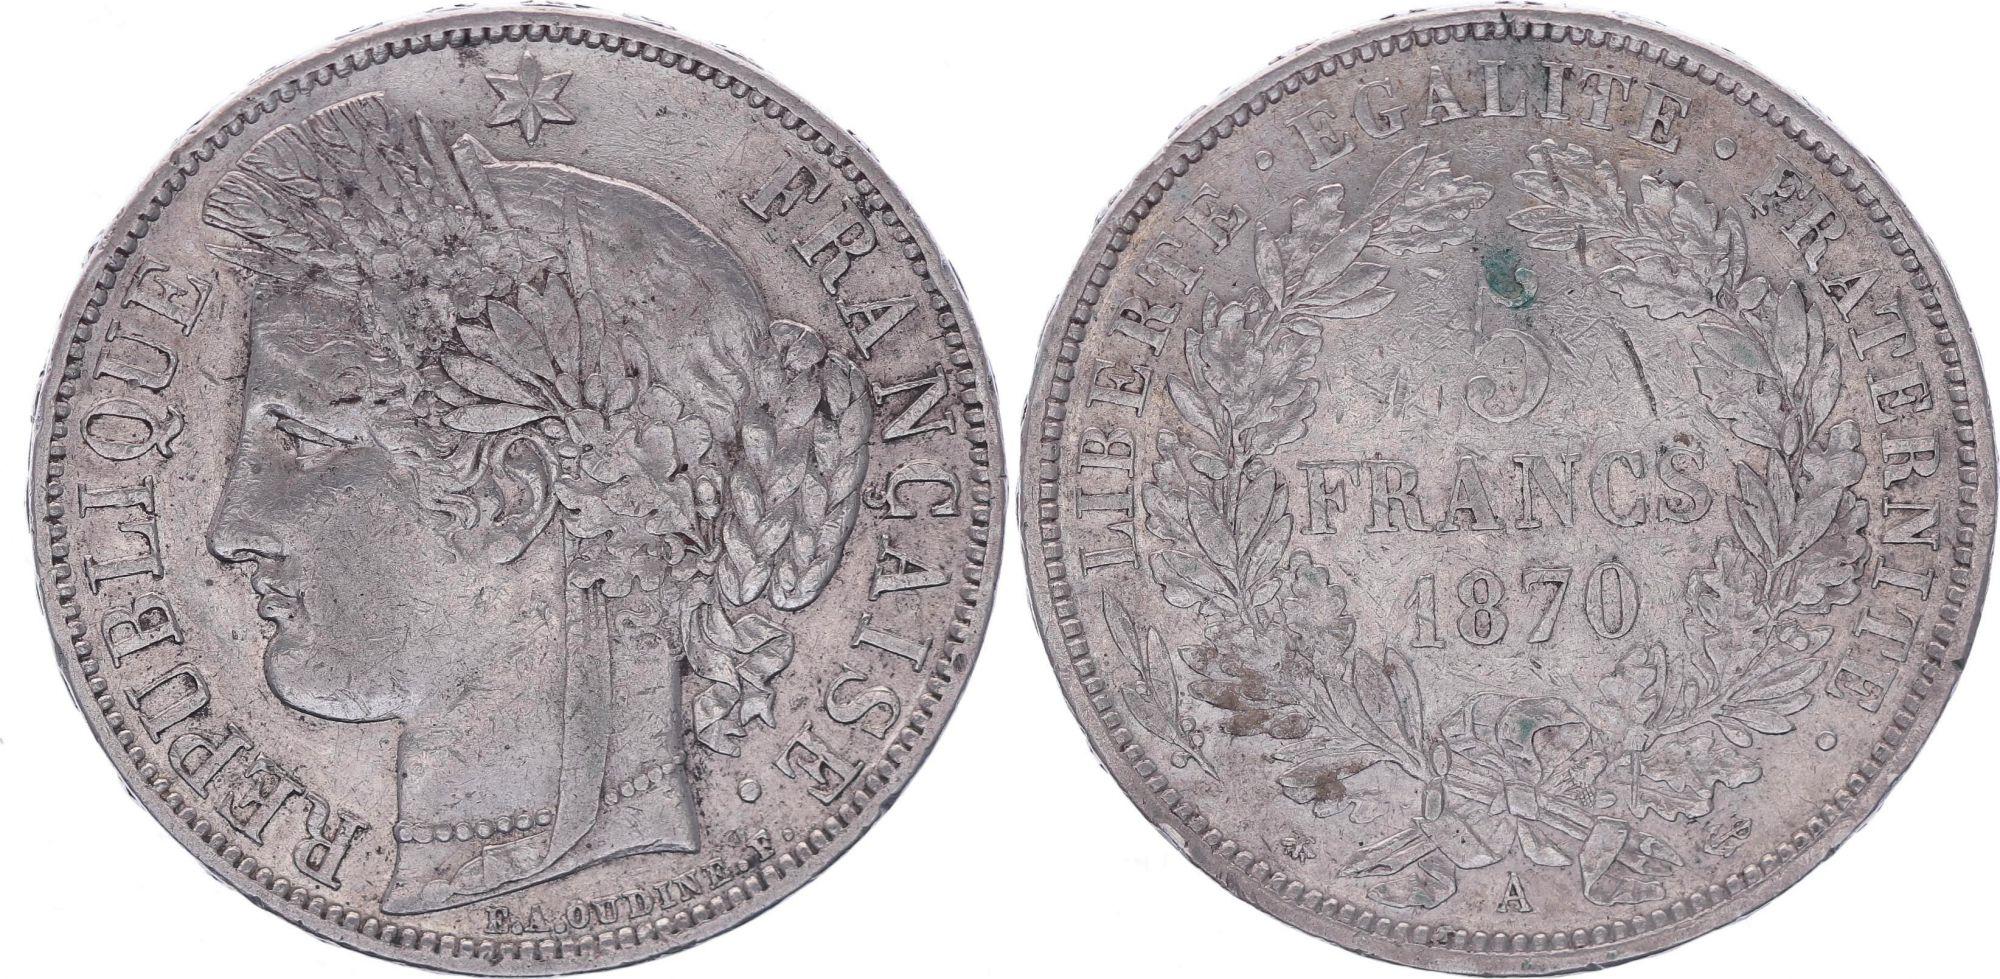 France 5 Francs Ceres - Third Republic - 1870 A Paris - F+